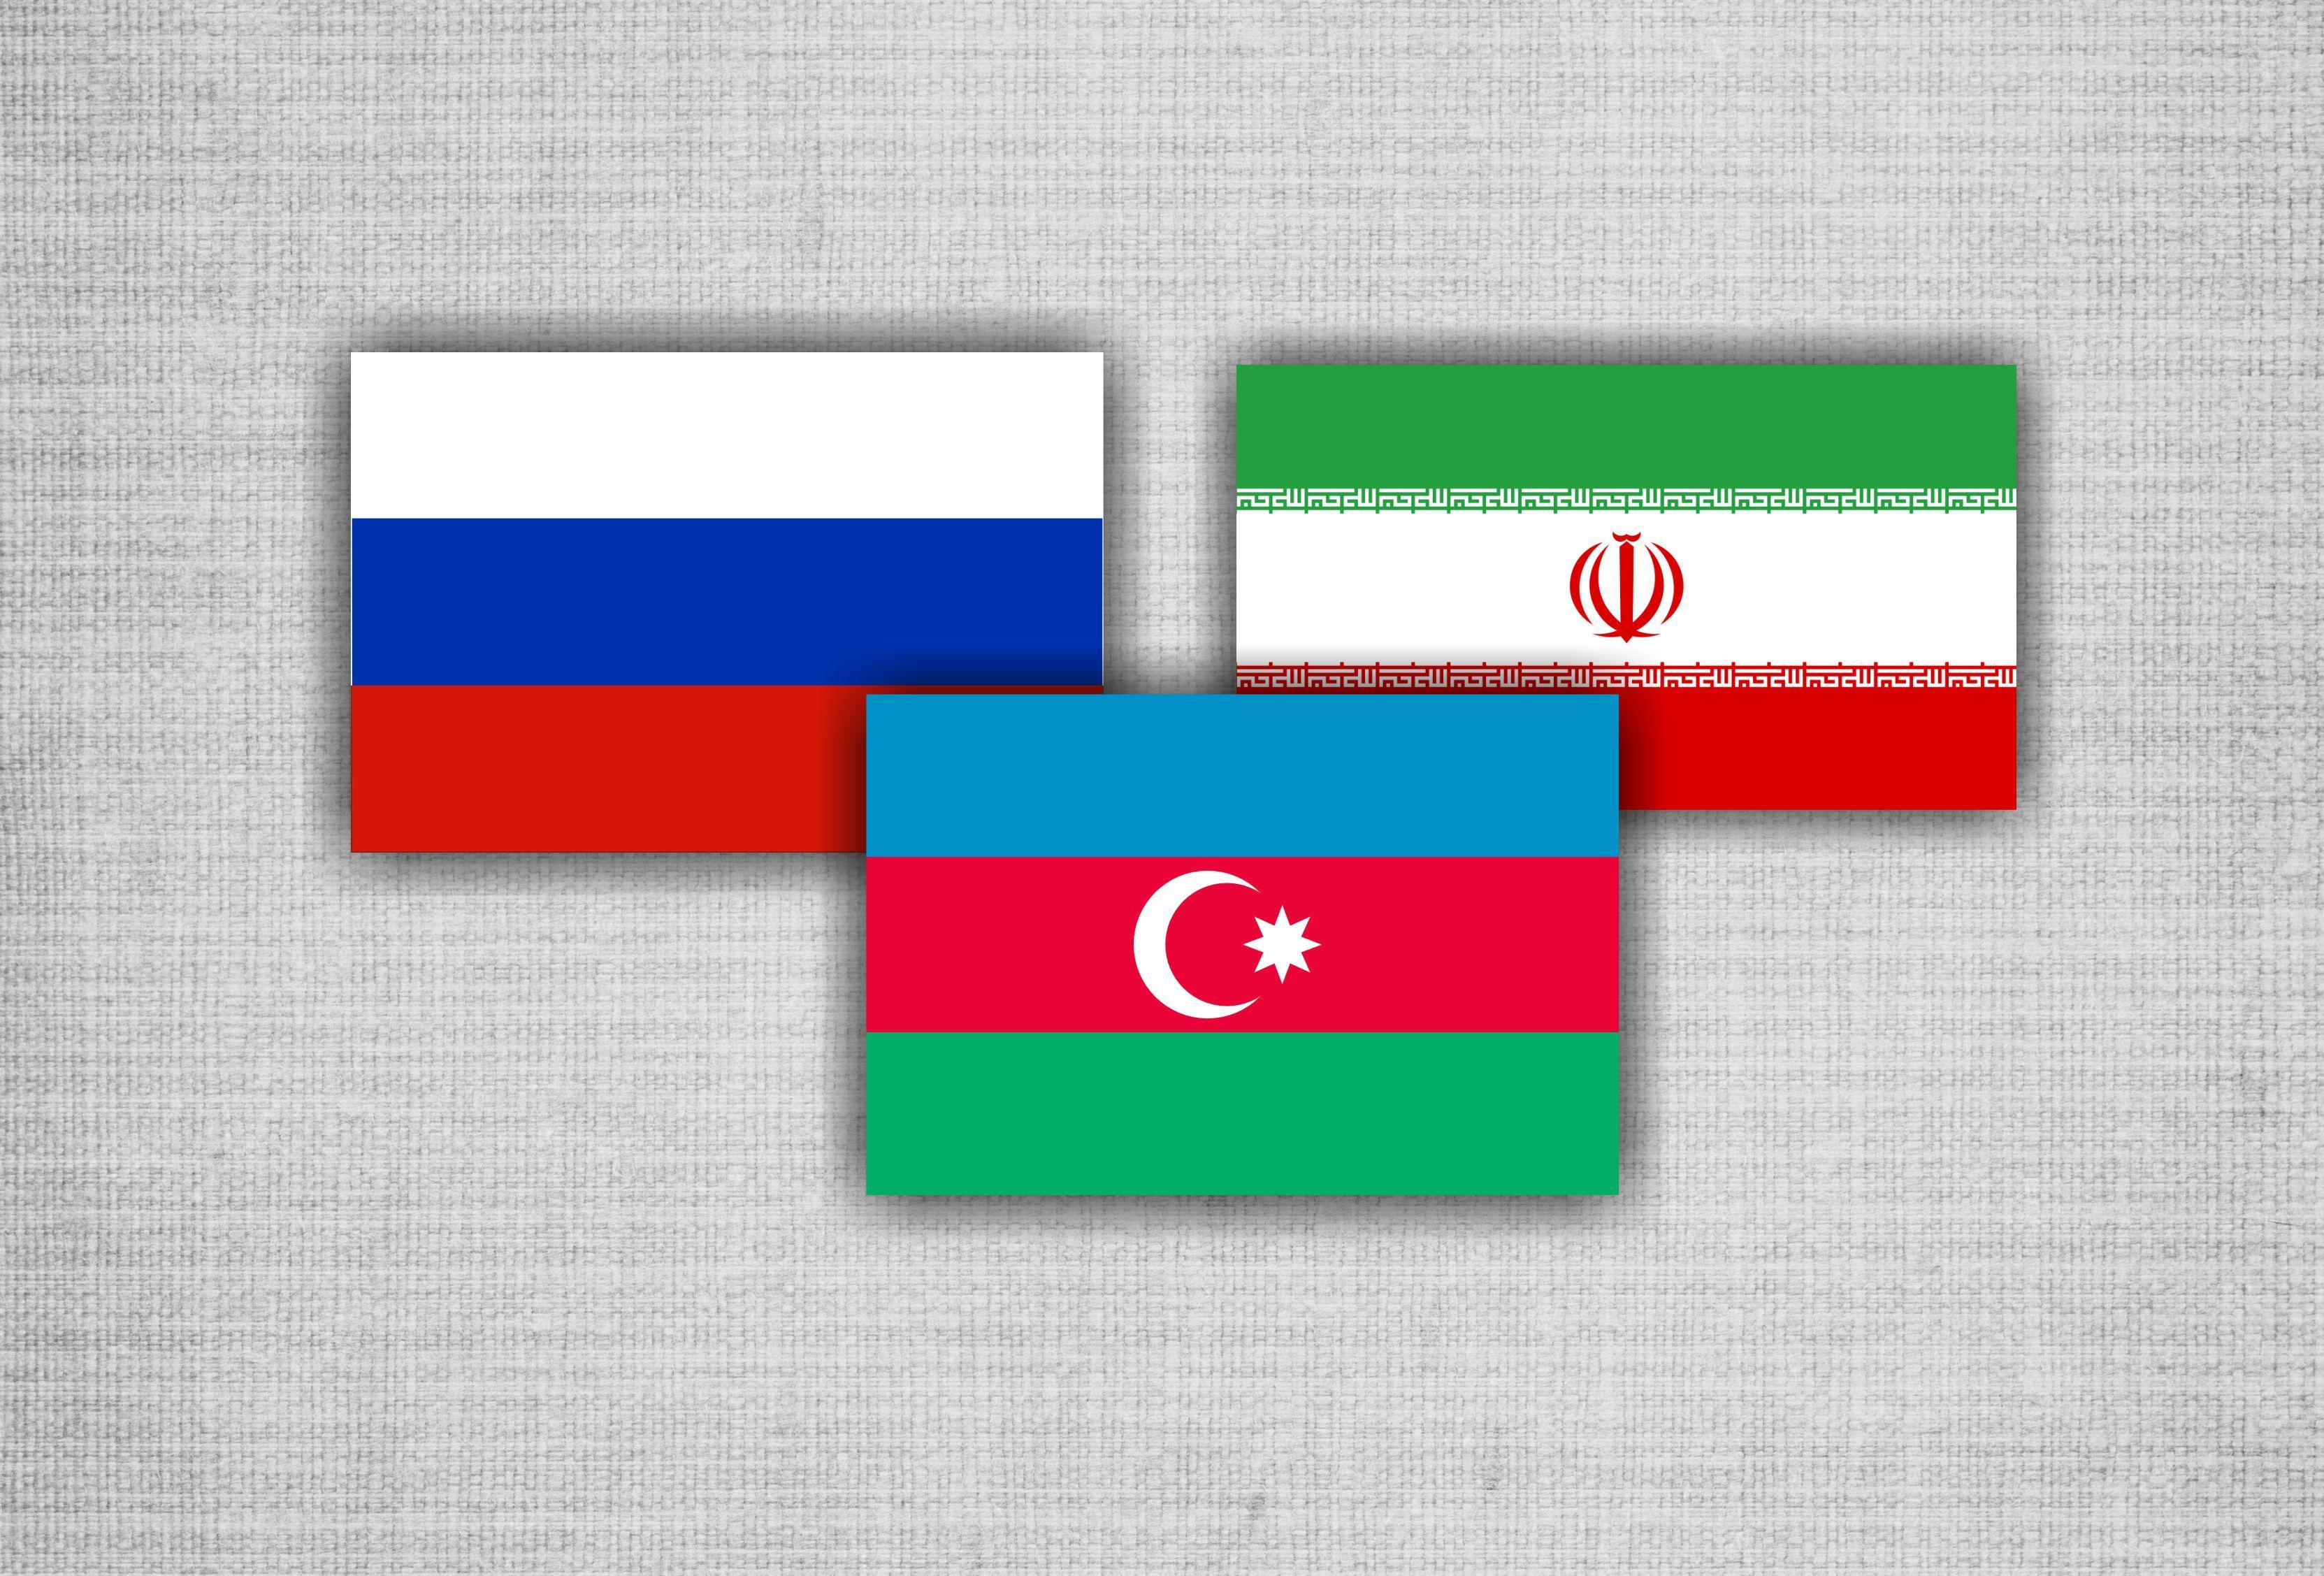 Обнародована повестка предстоящей встречи глав МИД Азербайджана, России и Ирана